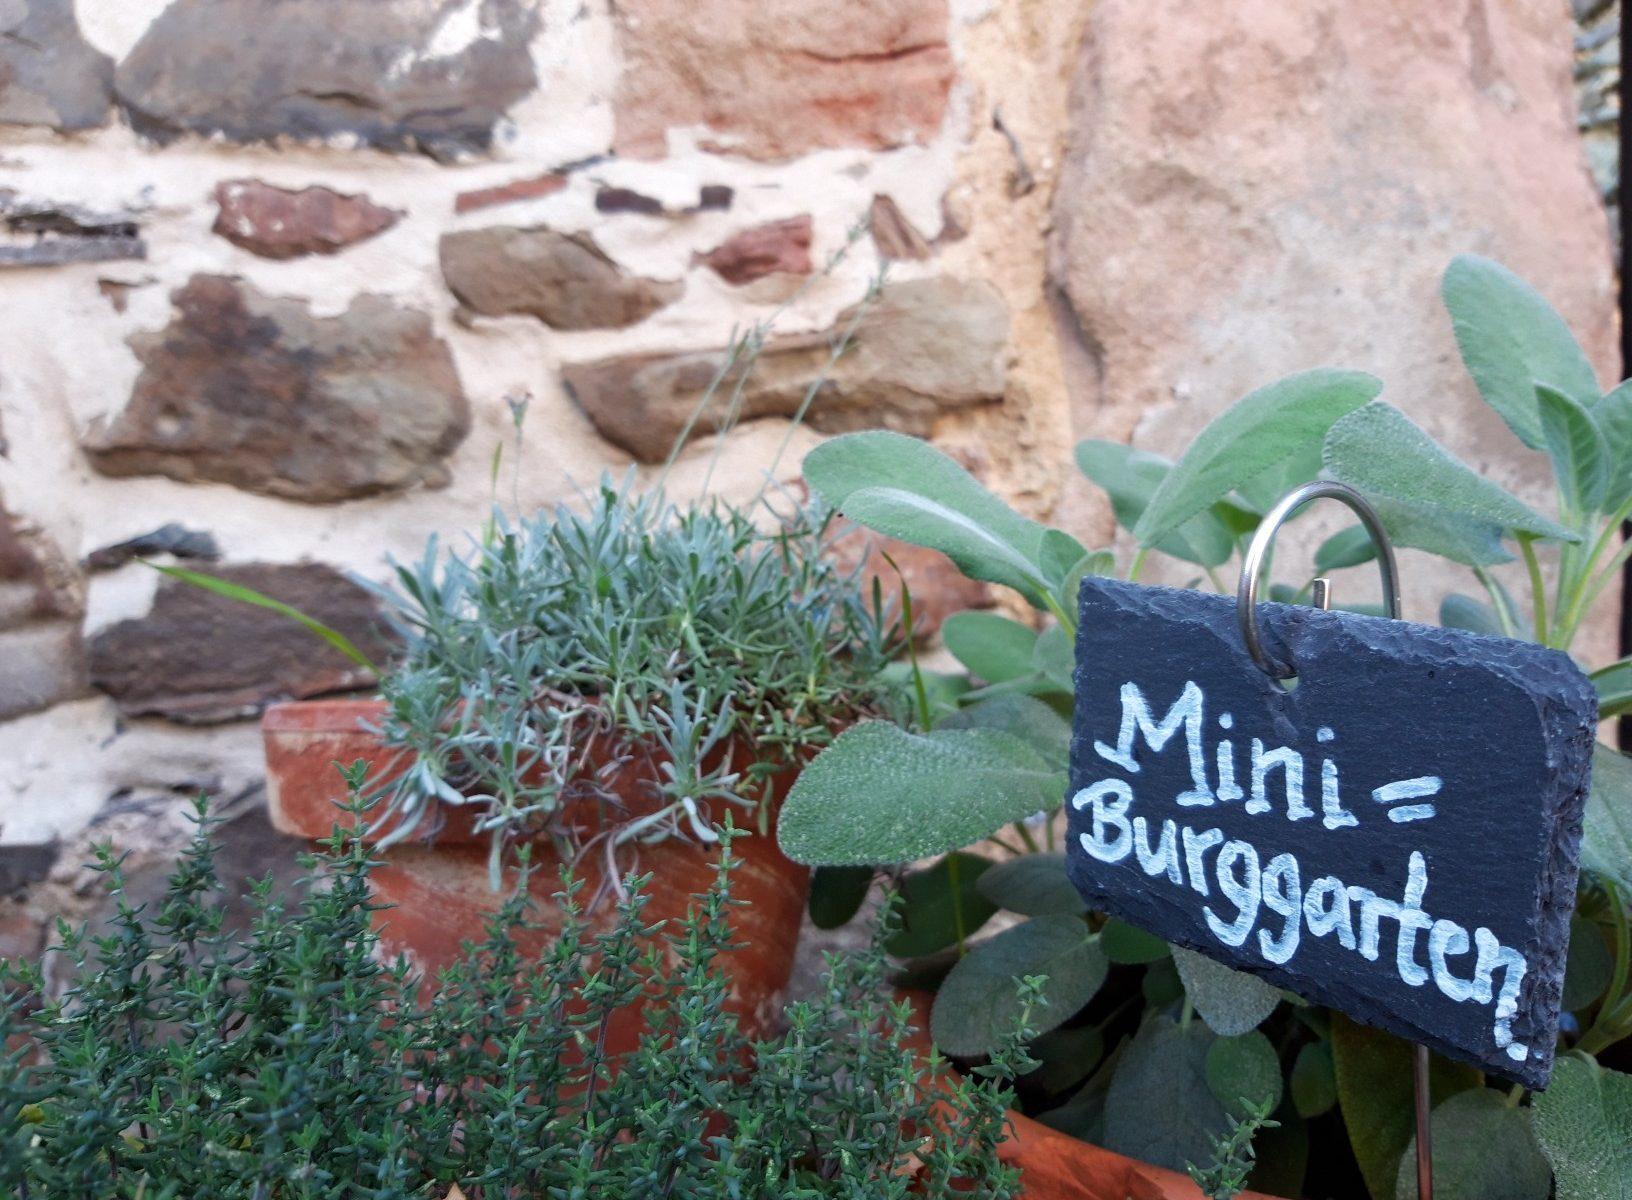 Mini-Burggarten im Burghof der Burg Posterstein - mit Lavendel, Salbei und Thymian